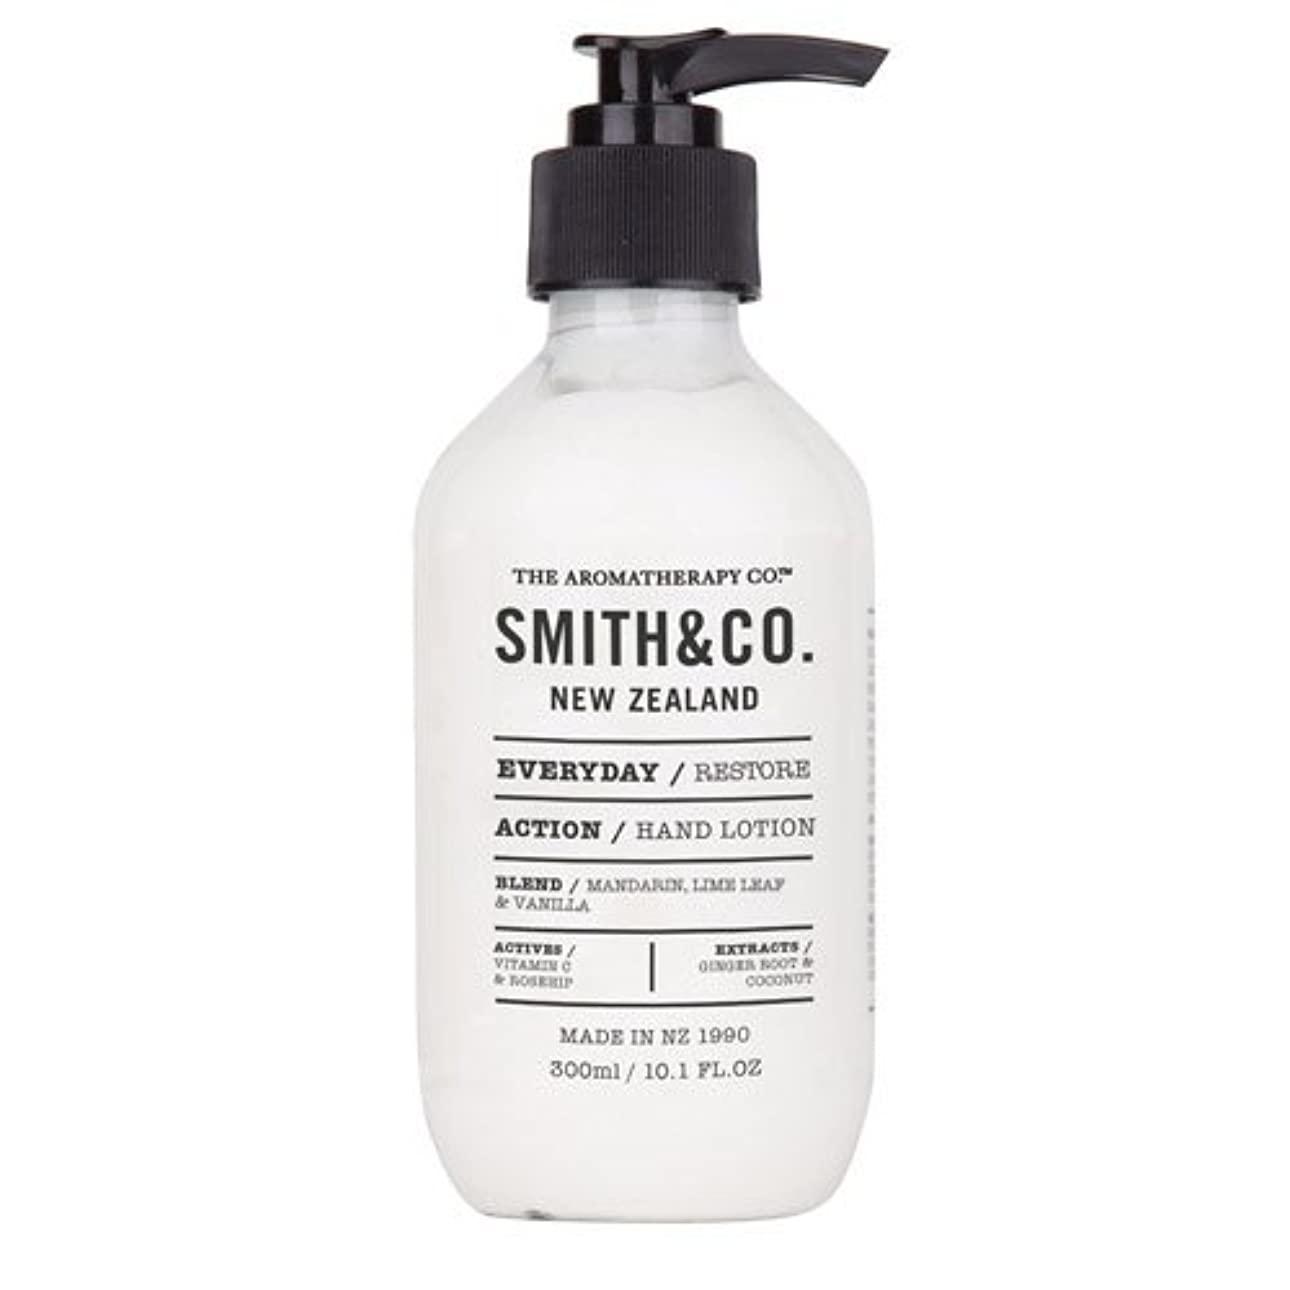 テレマコスノイズ賢明なSmith&Co. スミスアンドコー Hand&Body Lotion ハンド&ボディローション Restore リストア